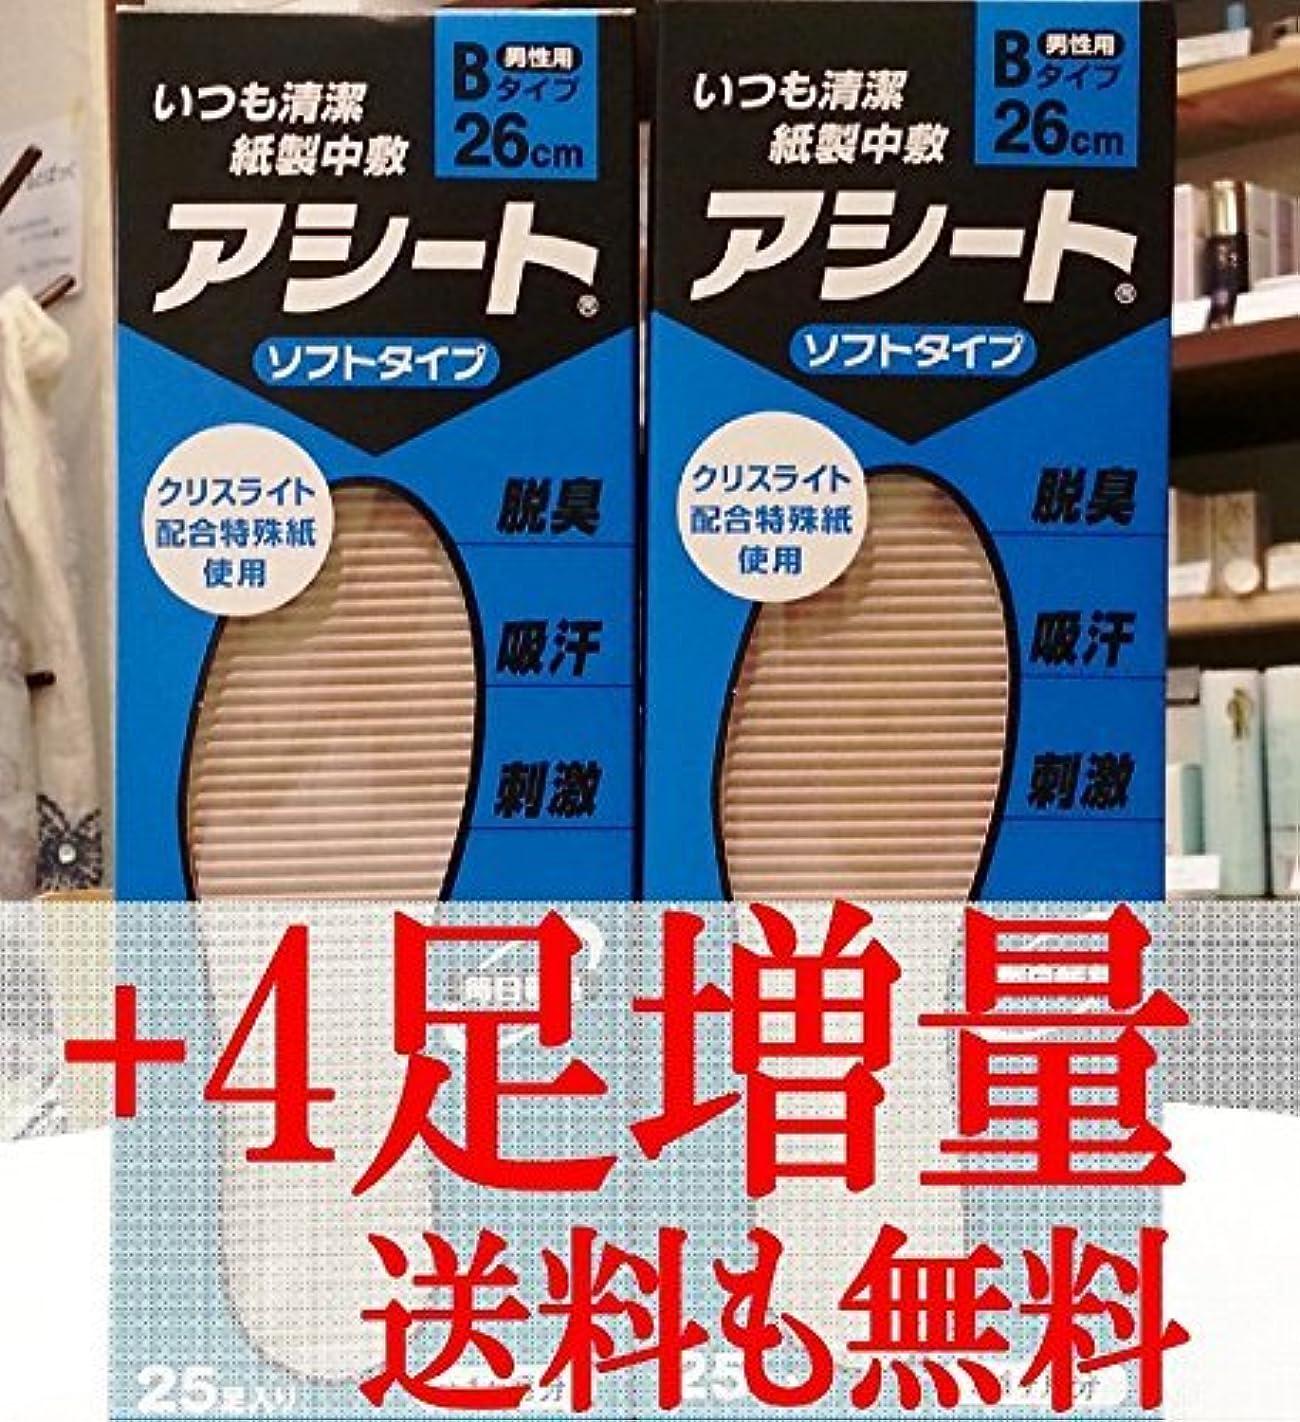 染料ポール成分アシートB 25足入2箱セット+4足増量中(24cm)